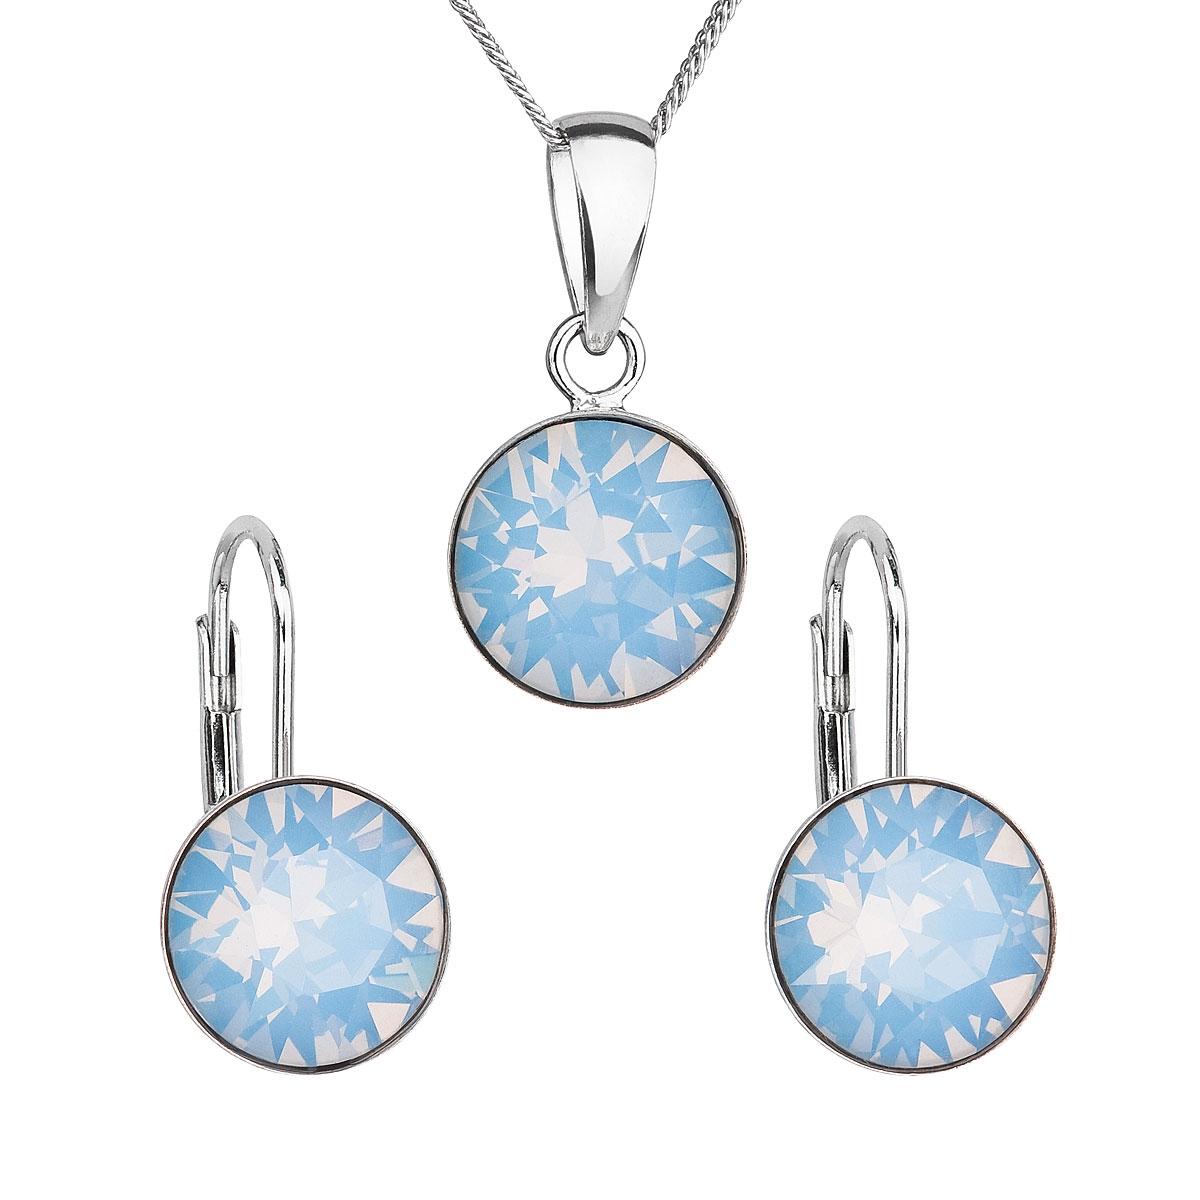 Sada stříbrných šperků s kameny Crystals from Swarovski® Blue Opal EG3054-OB